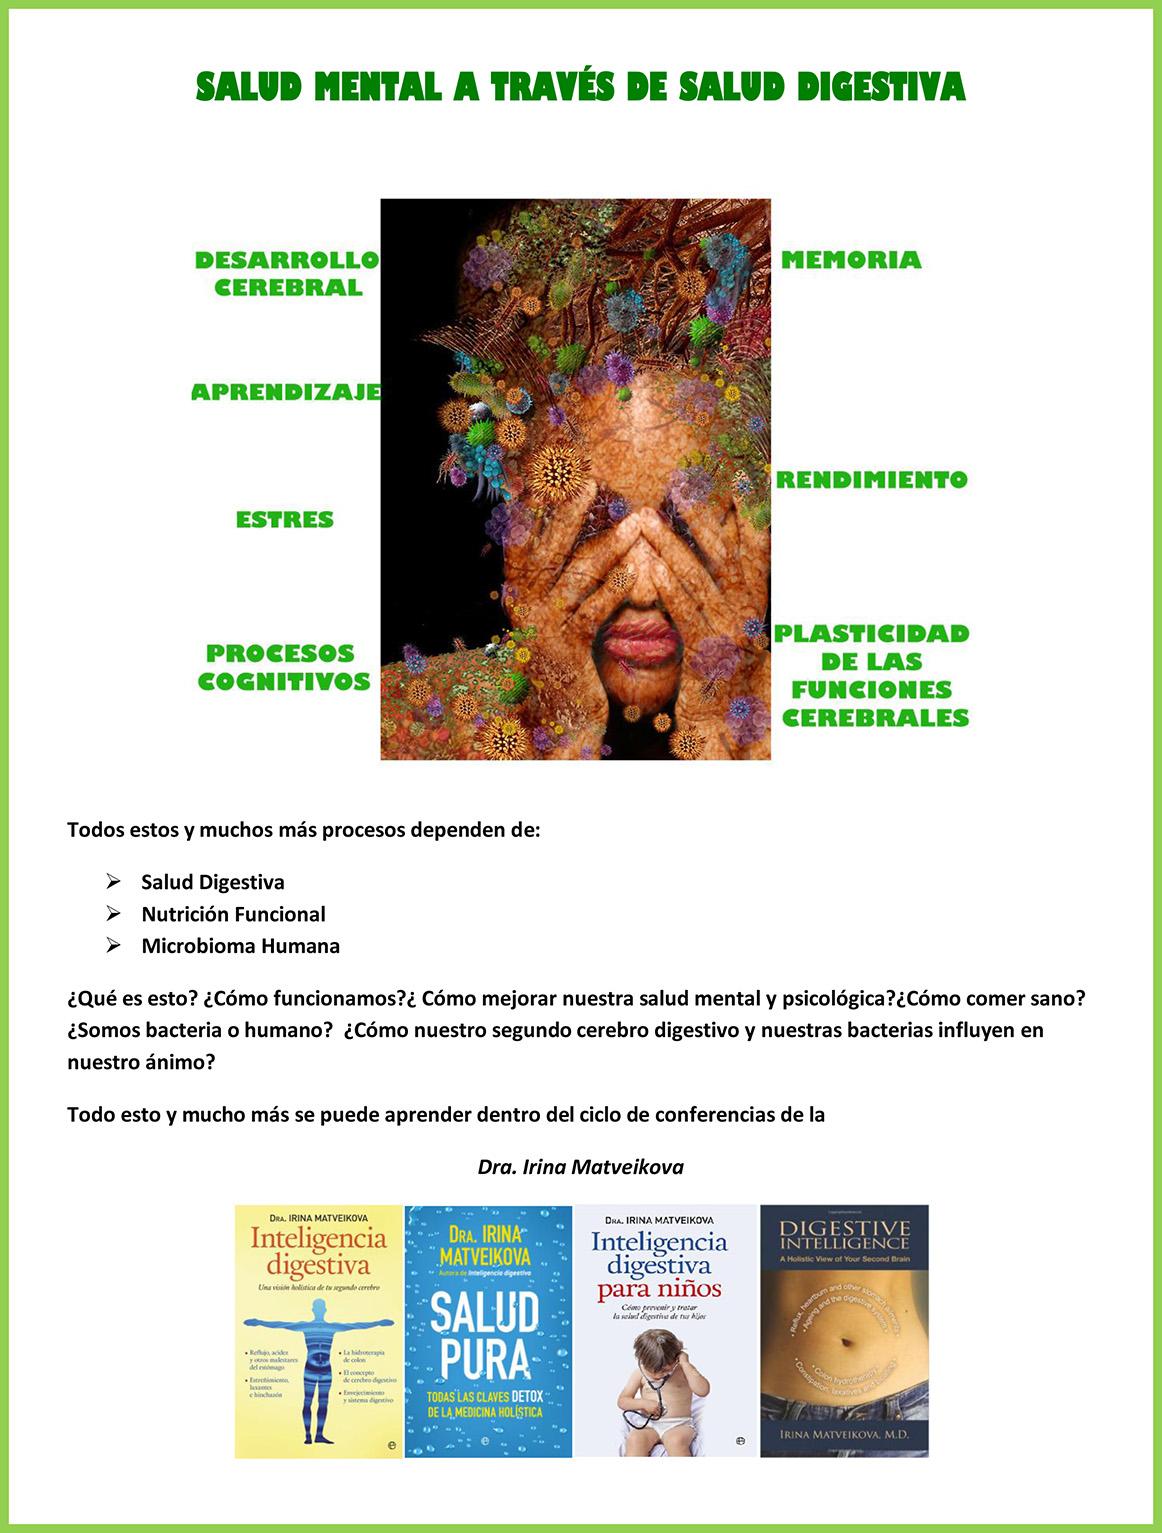 salud-mental-a-traves-de-salud-digestiva